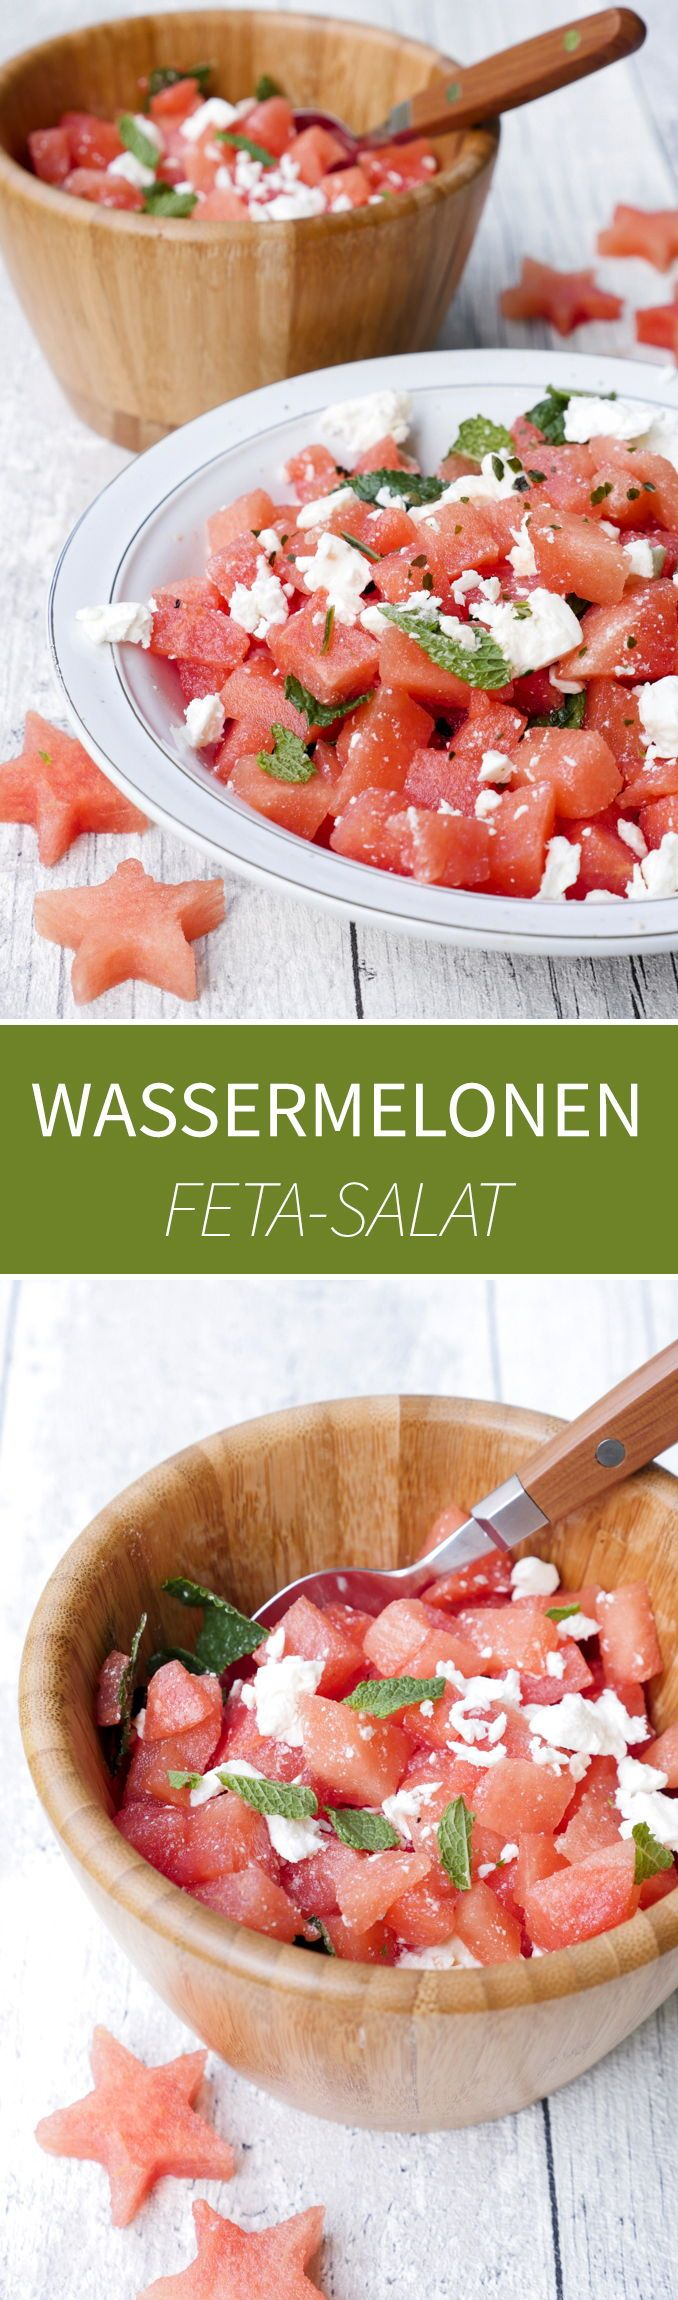 wassermelonen feta salat mit frischer minze rezept gaumenfreundin foodblog salat feta. Black Bedroom Furniture Sets. Home Design Ideas